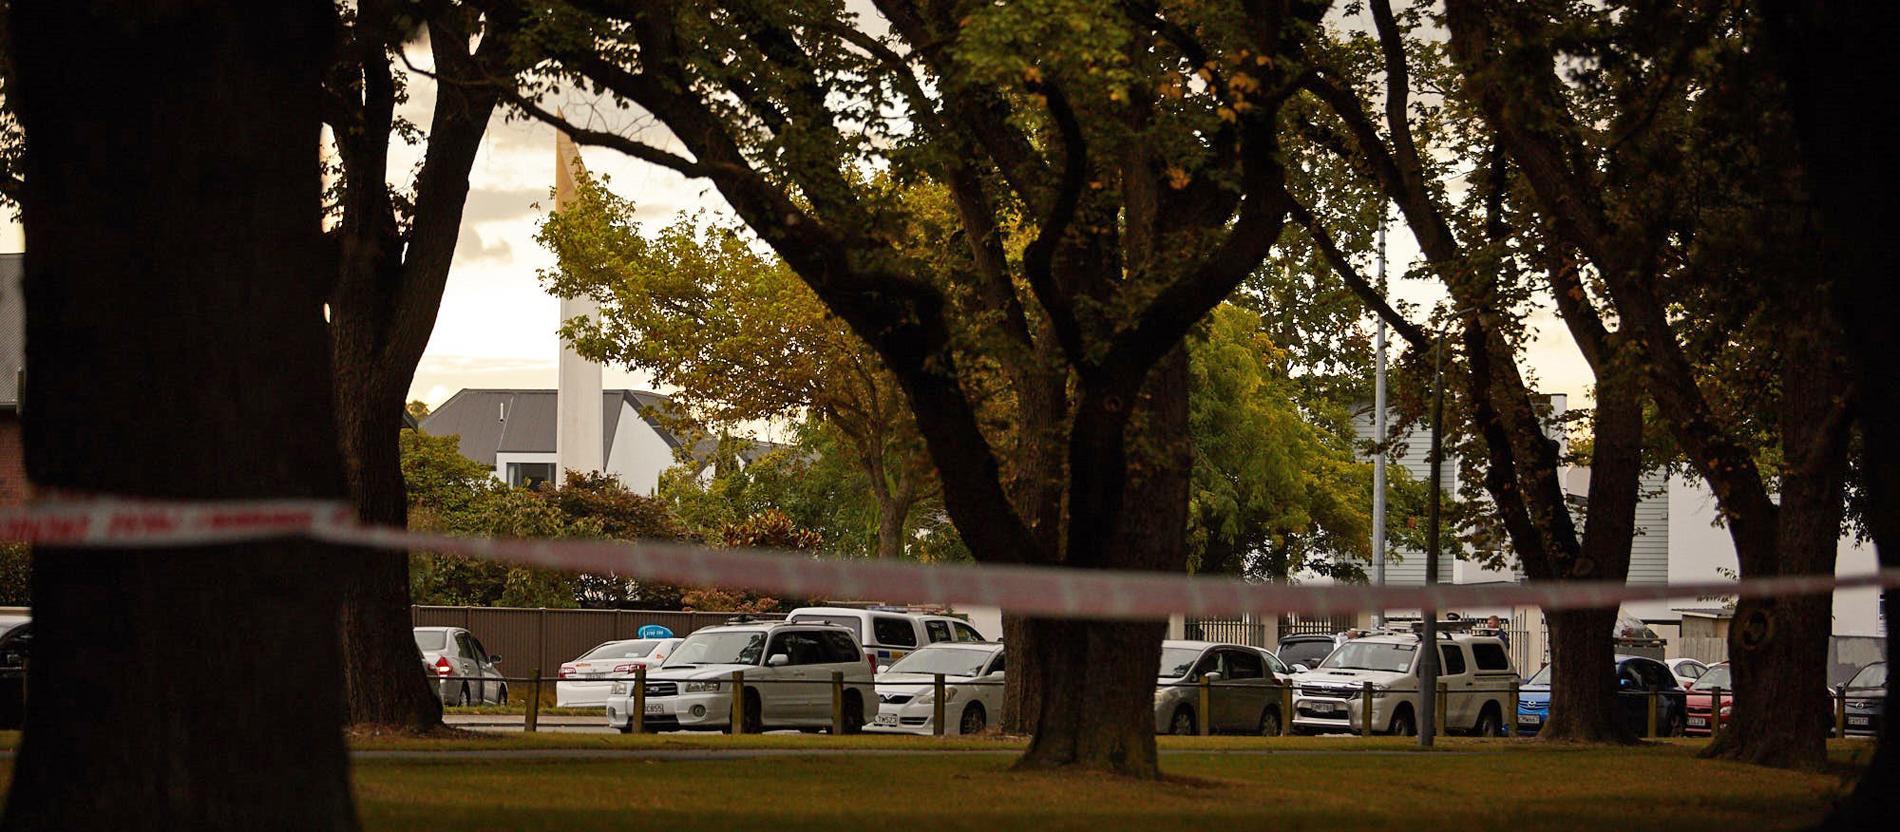 Neuseeland Moschee Twitter: Nach Moschee-Anschlägen: Kirche Reagiert Mit Abscheu Und